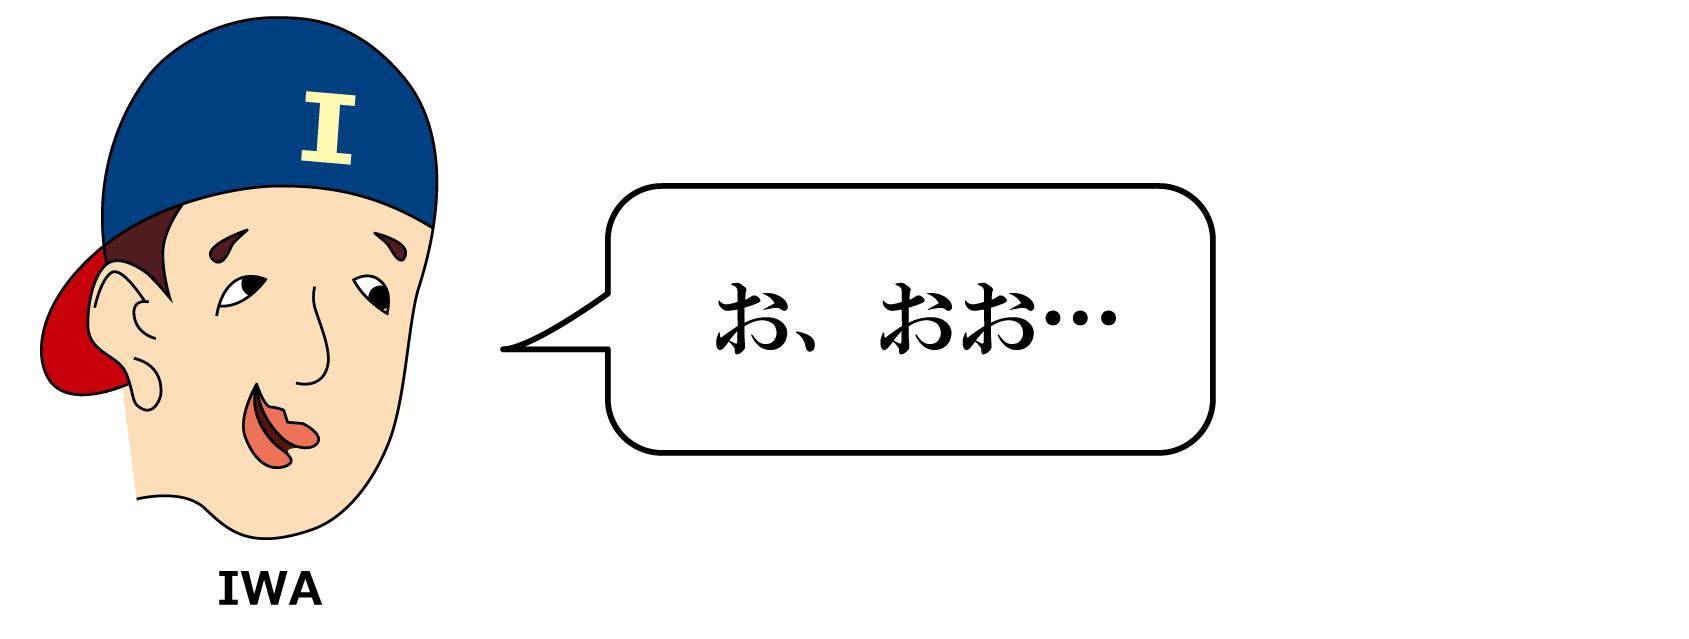 磨師 瀬戸物焼接 針売り 江戸時代 職業